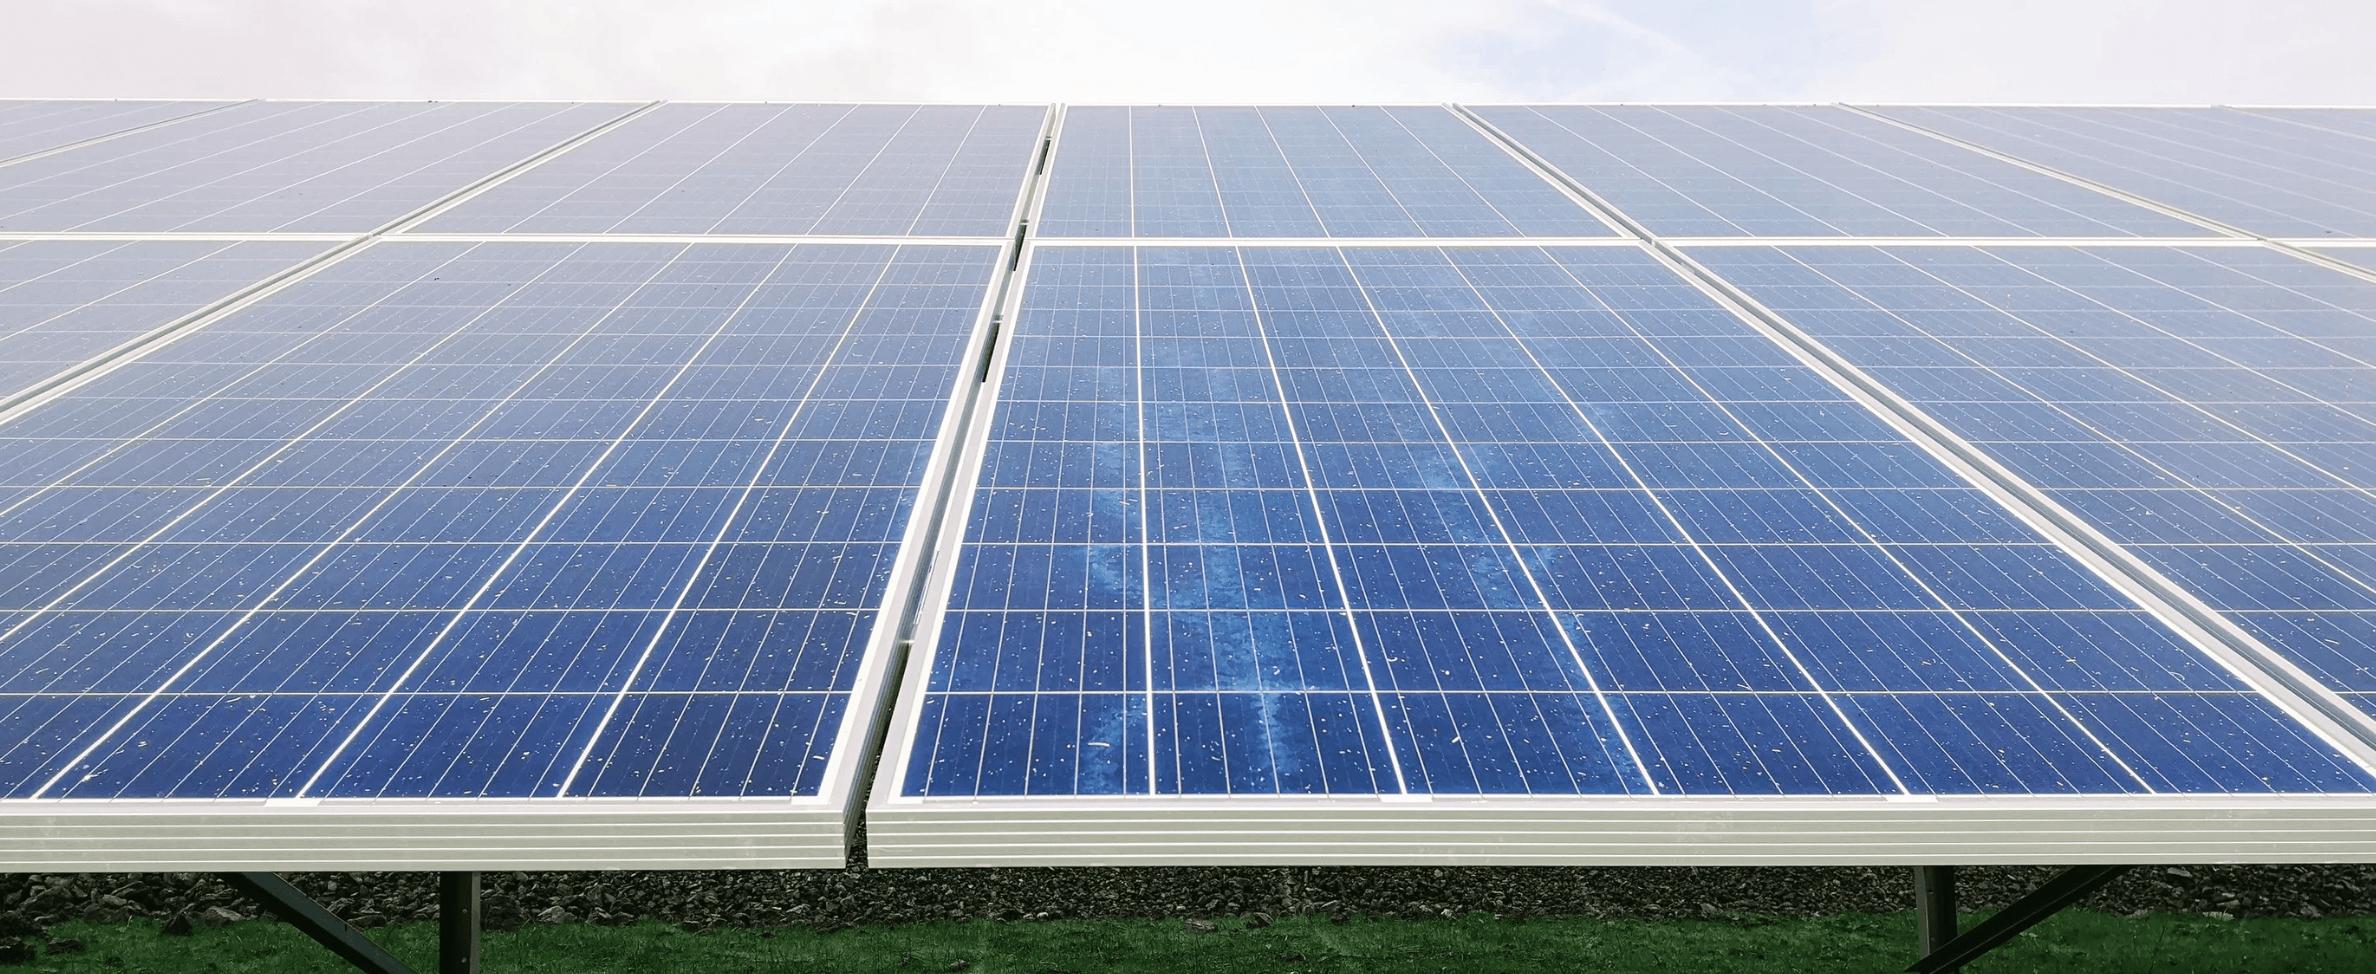 En solcellsanläggning installerad på marken